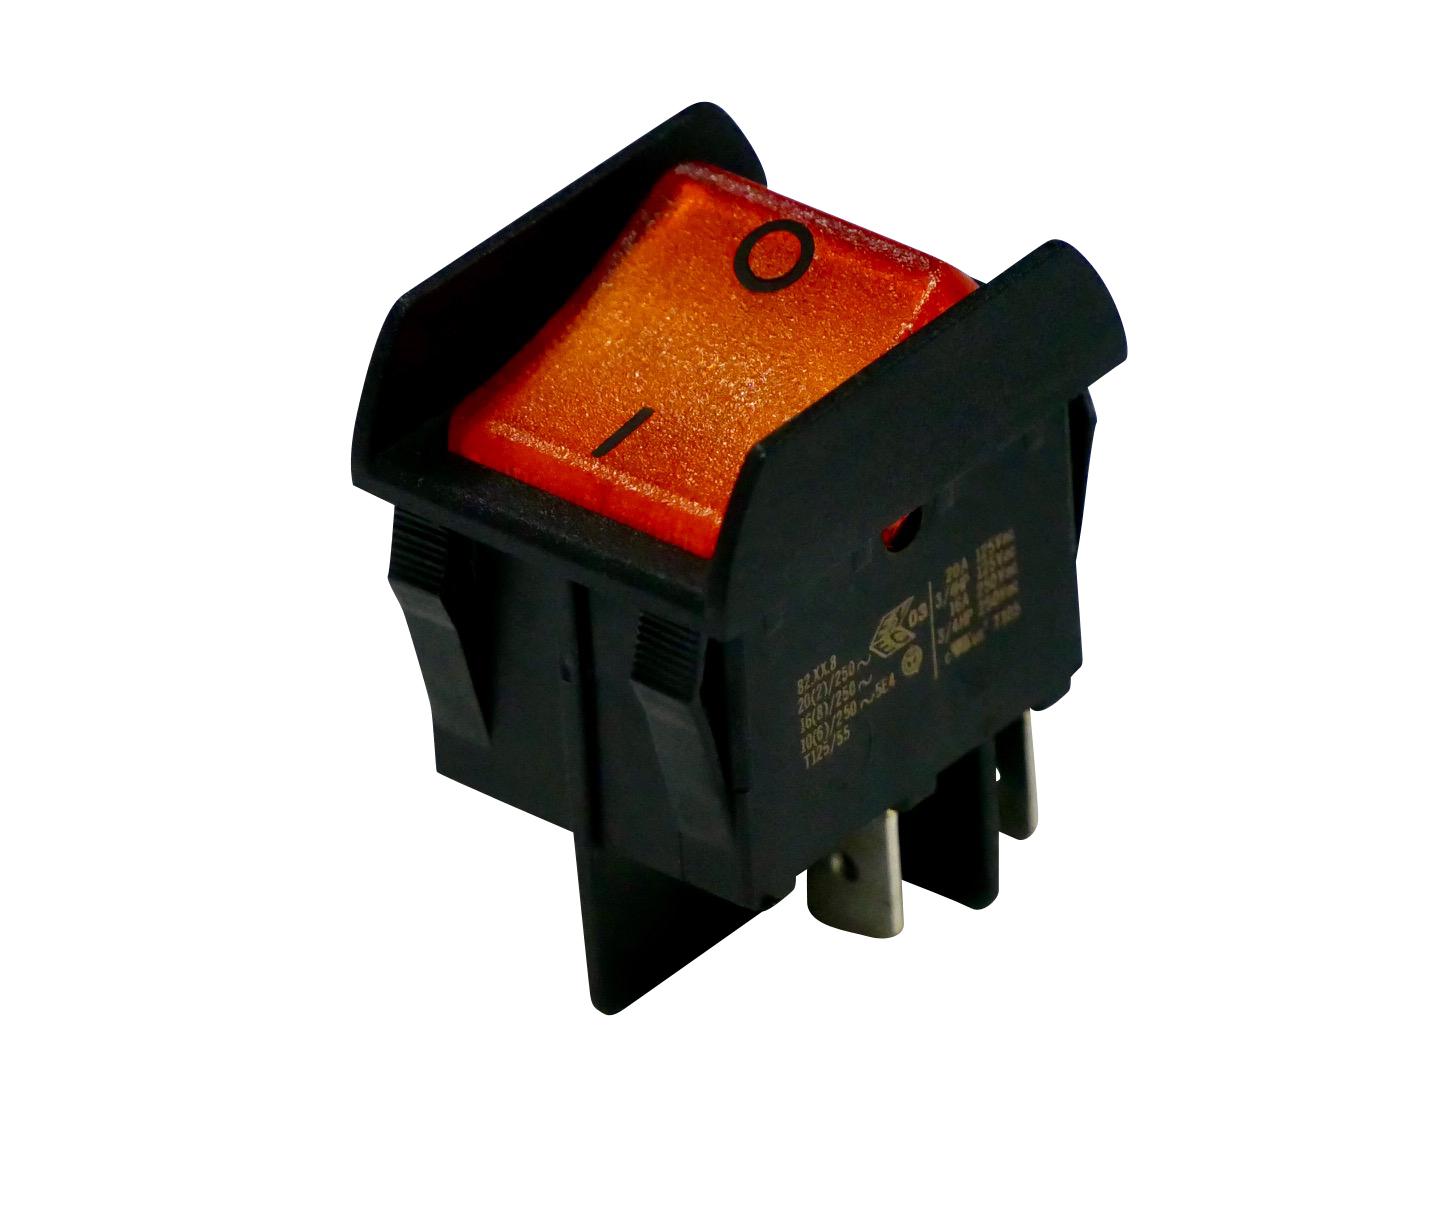 Interrupteur bascule orange corps noir, On-Off, lumineux, protection antichoc